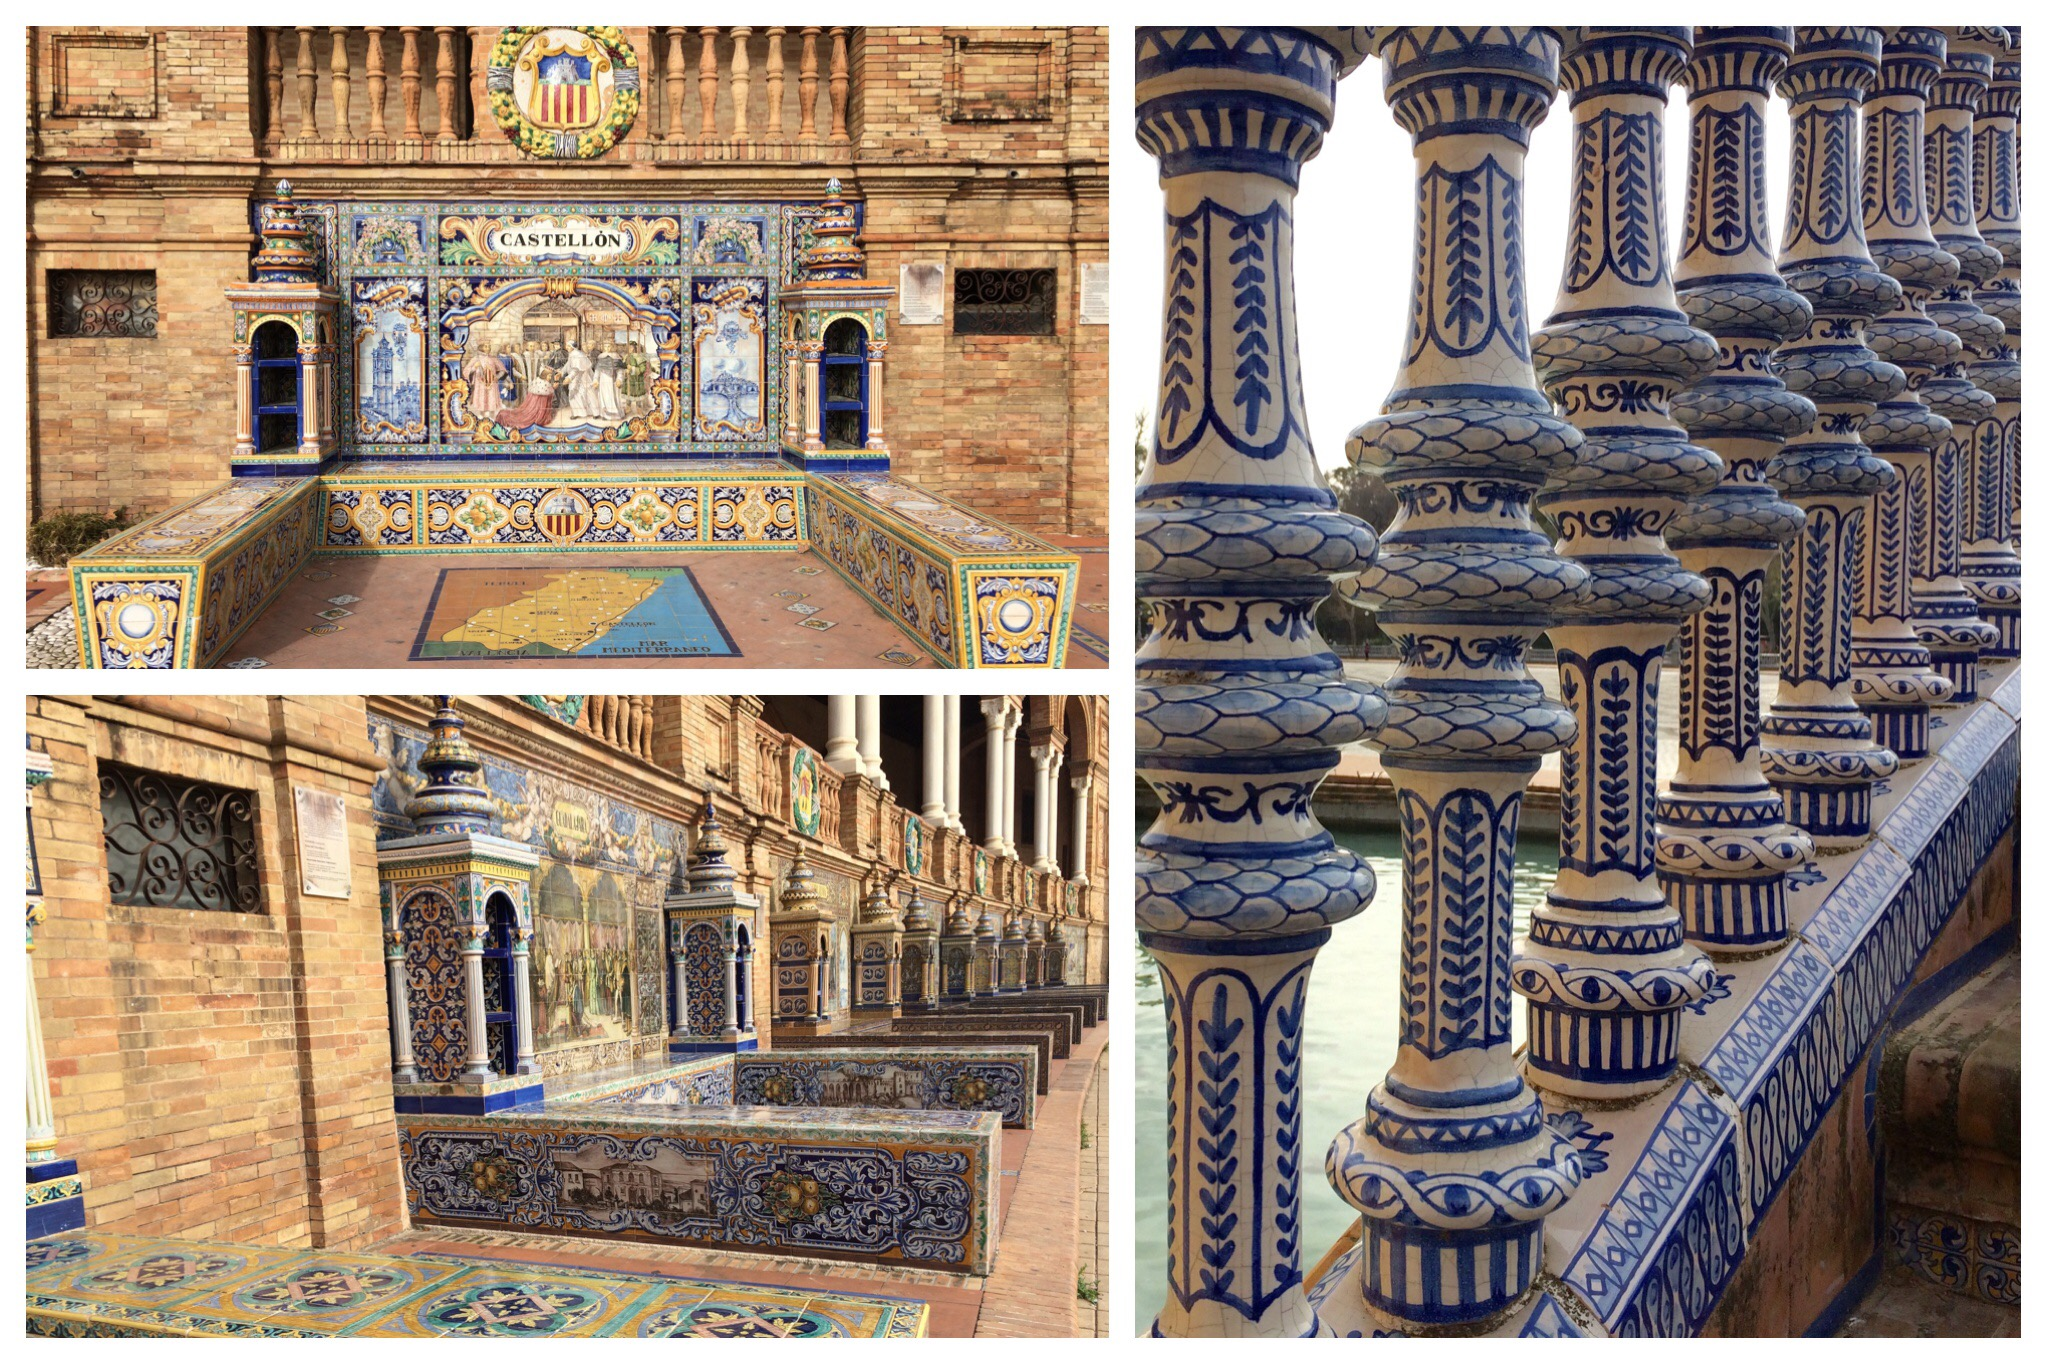 Seville - Plaza de España ceramics